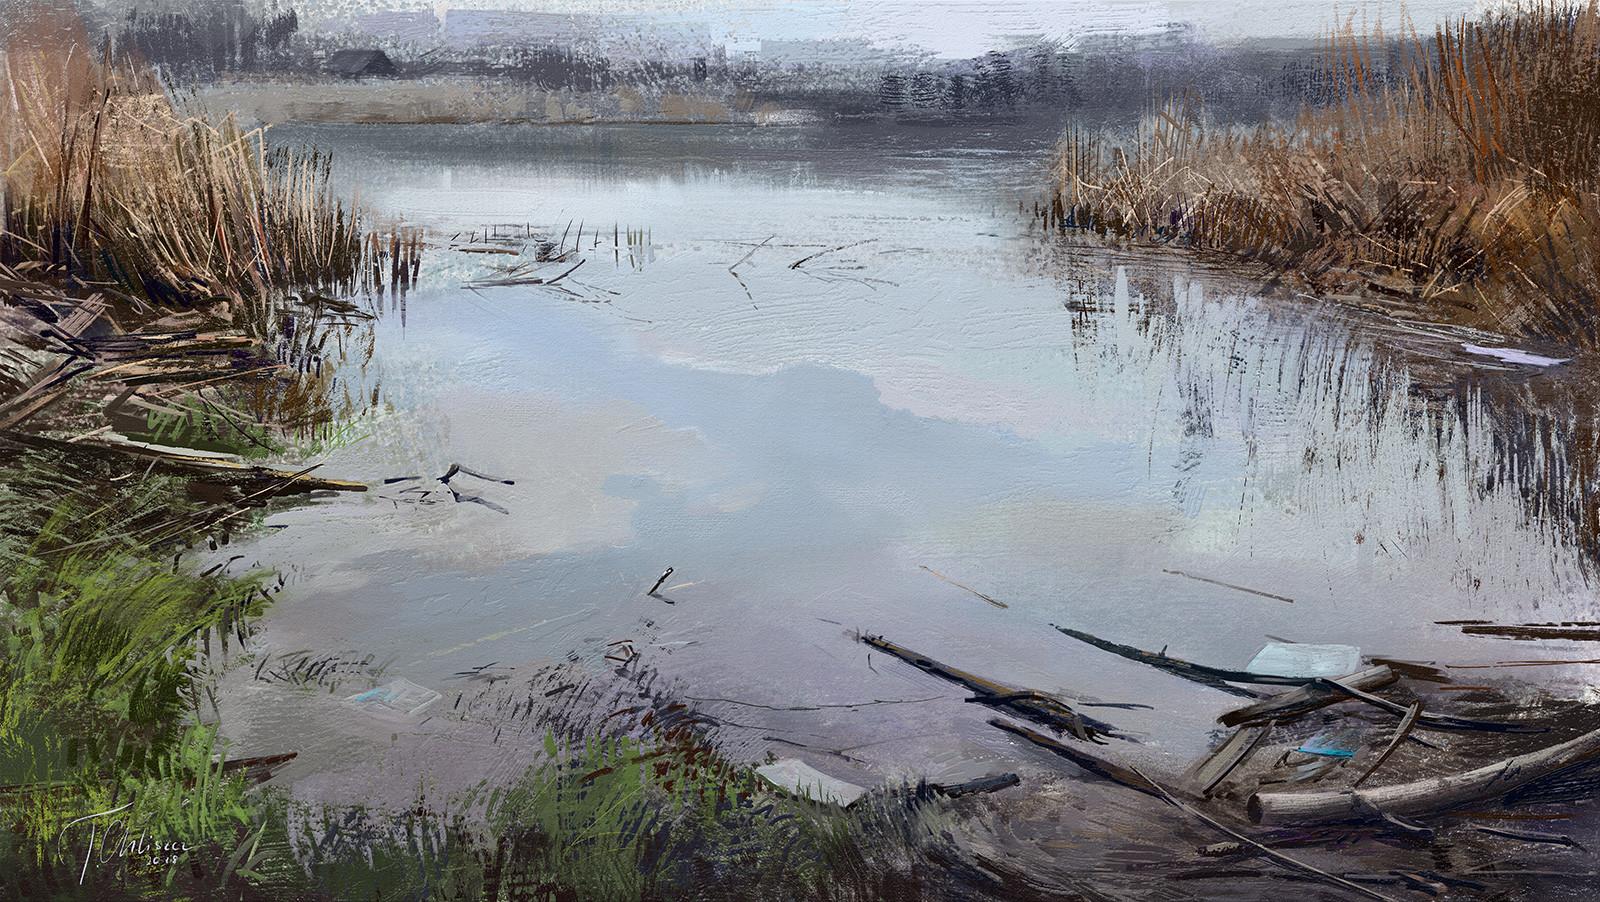 Tymoteusz chliszcz landscape99 by chliszcz